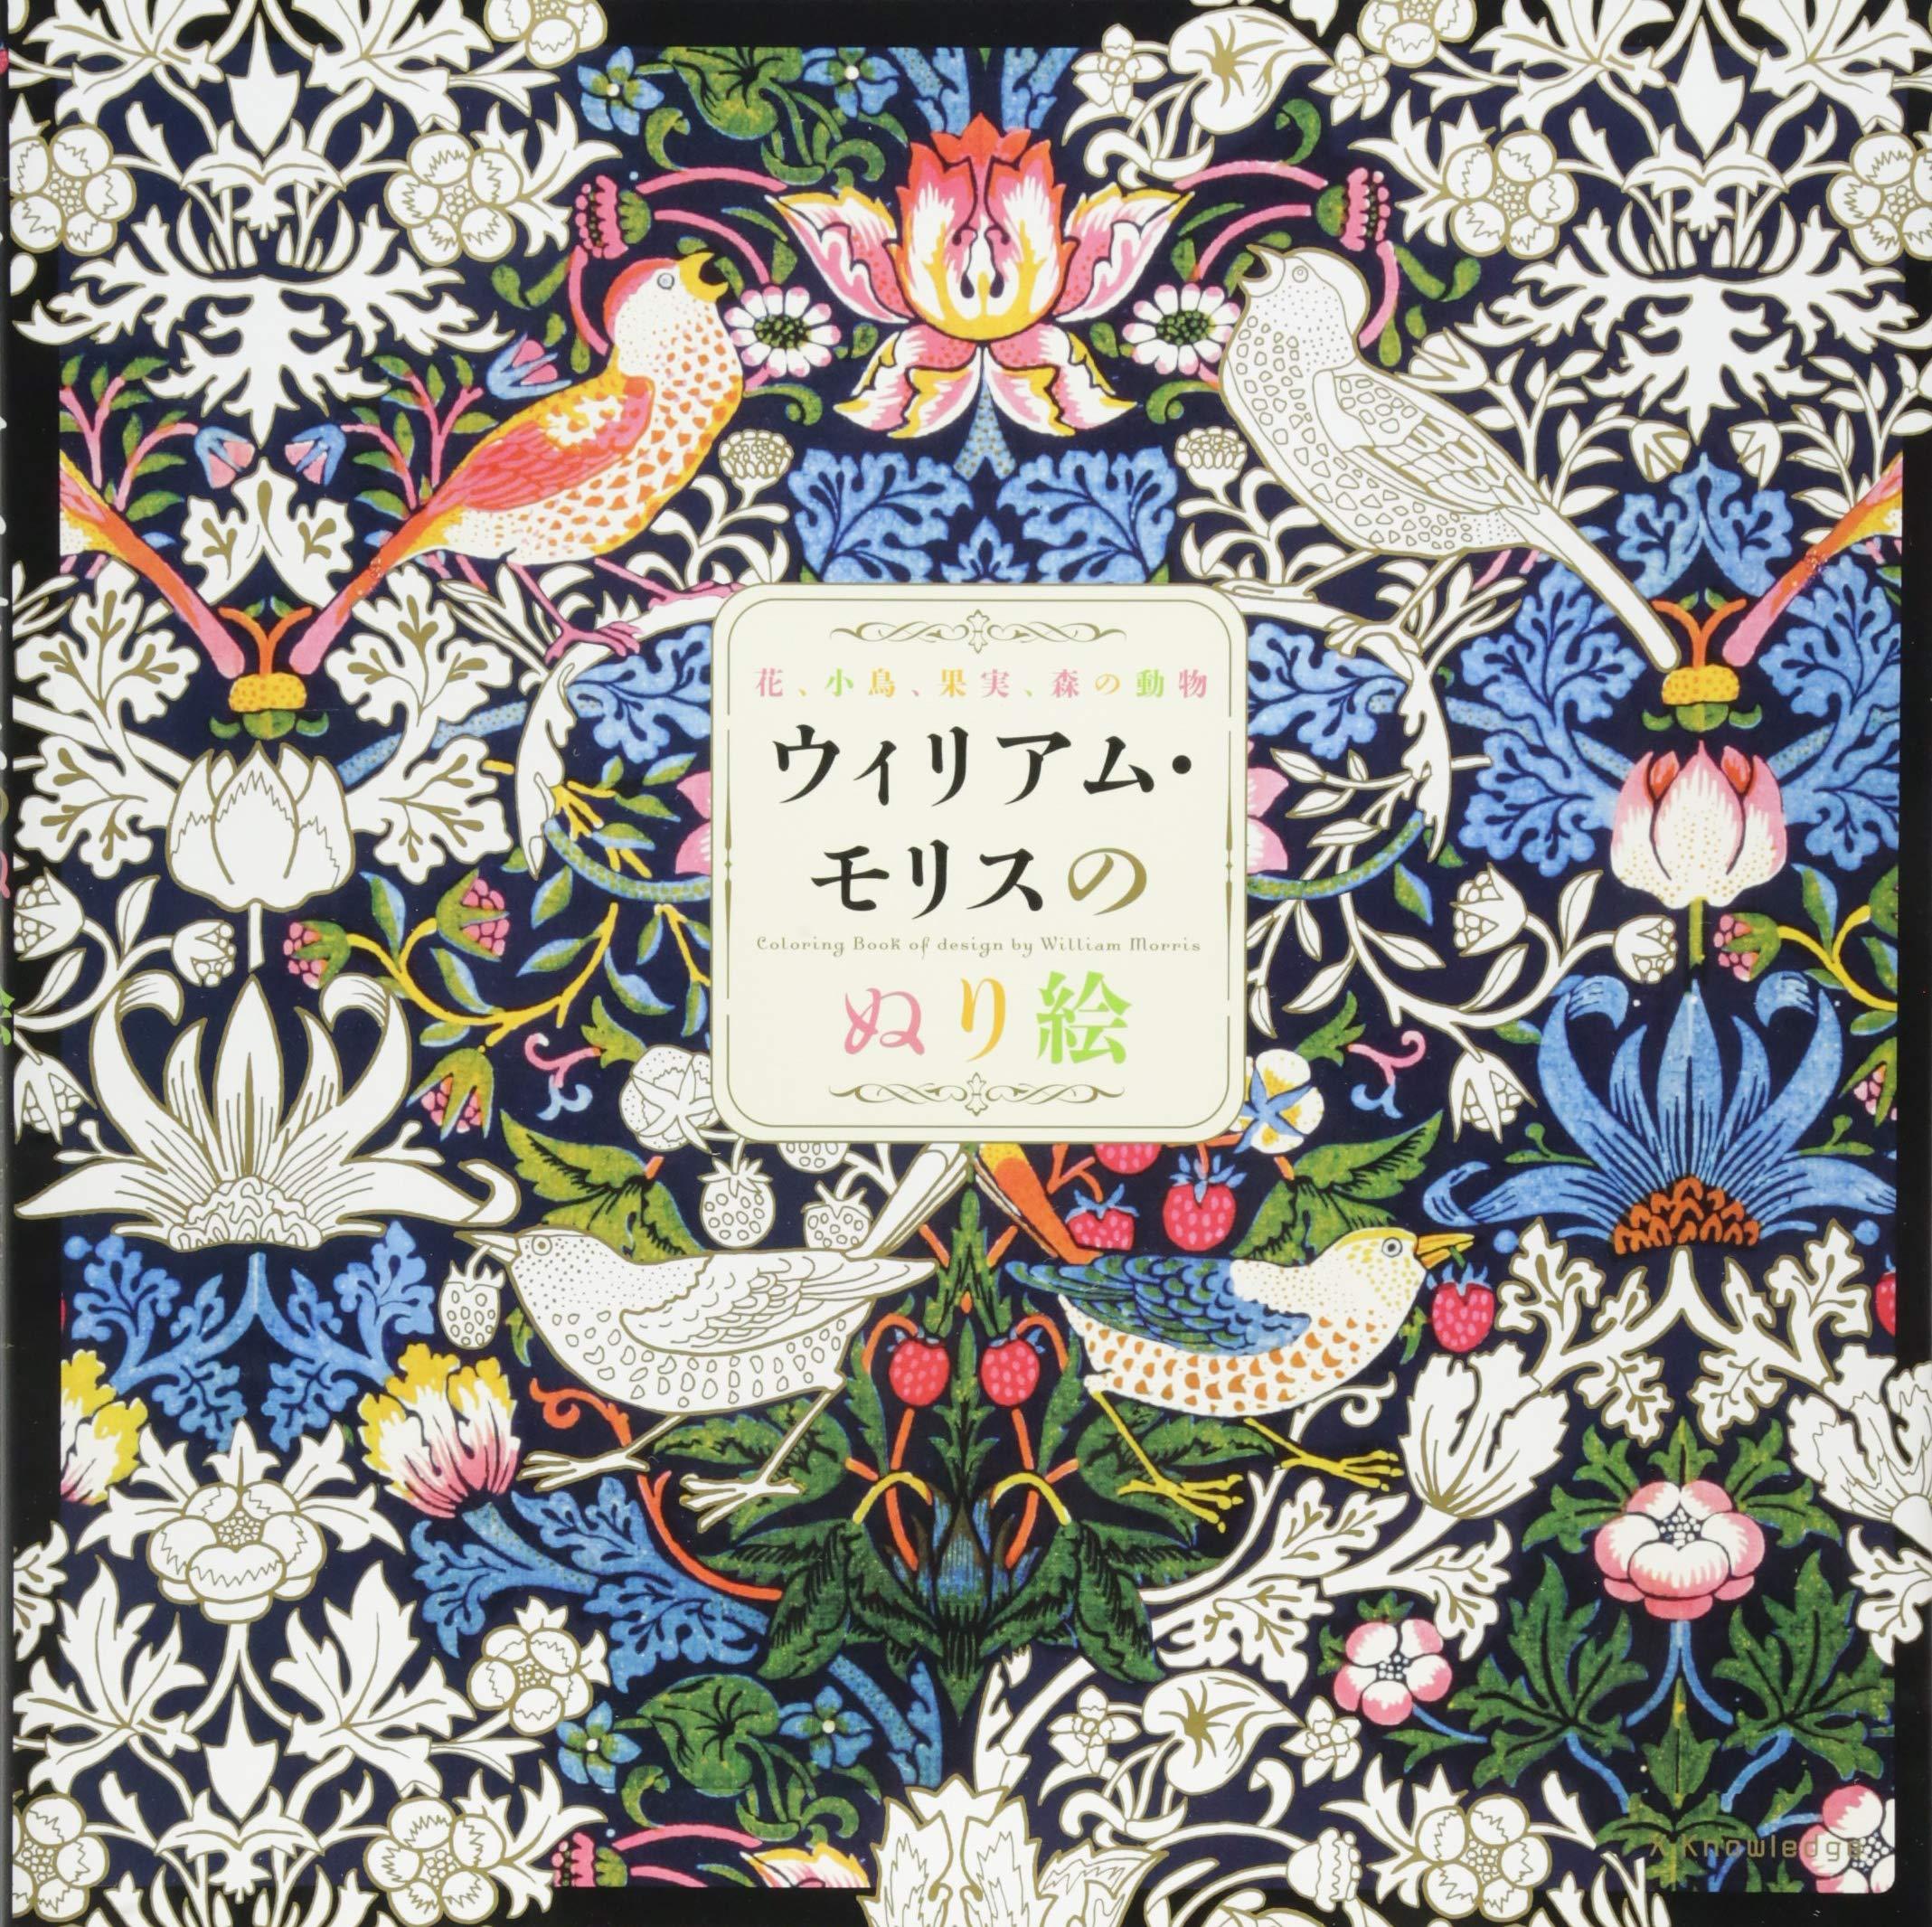 ウィリアム・モリスのぬり絵 | ウィリアム・モリス |本 | 通販 | Amazon